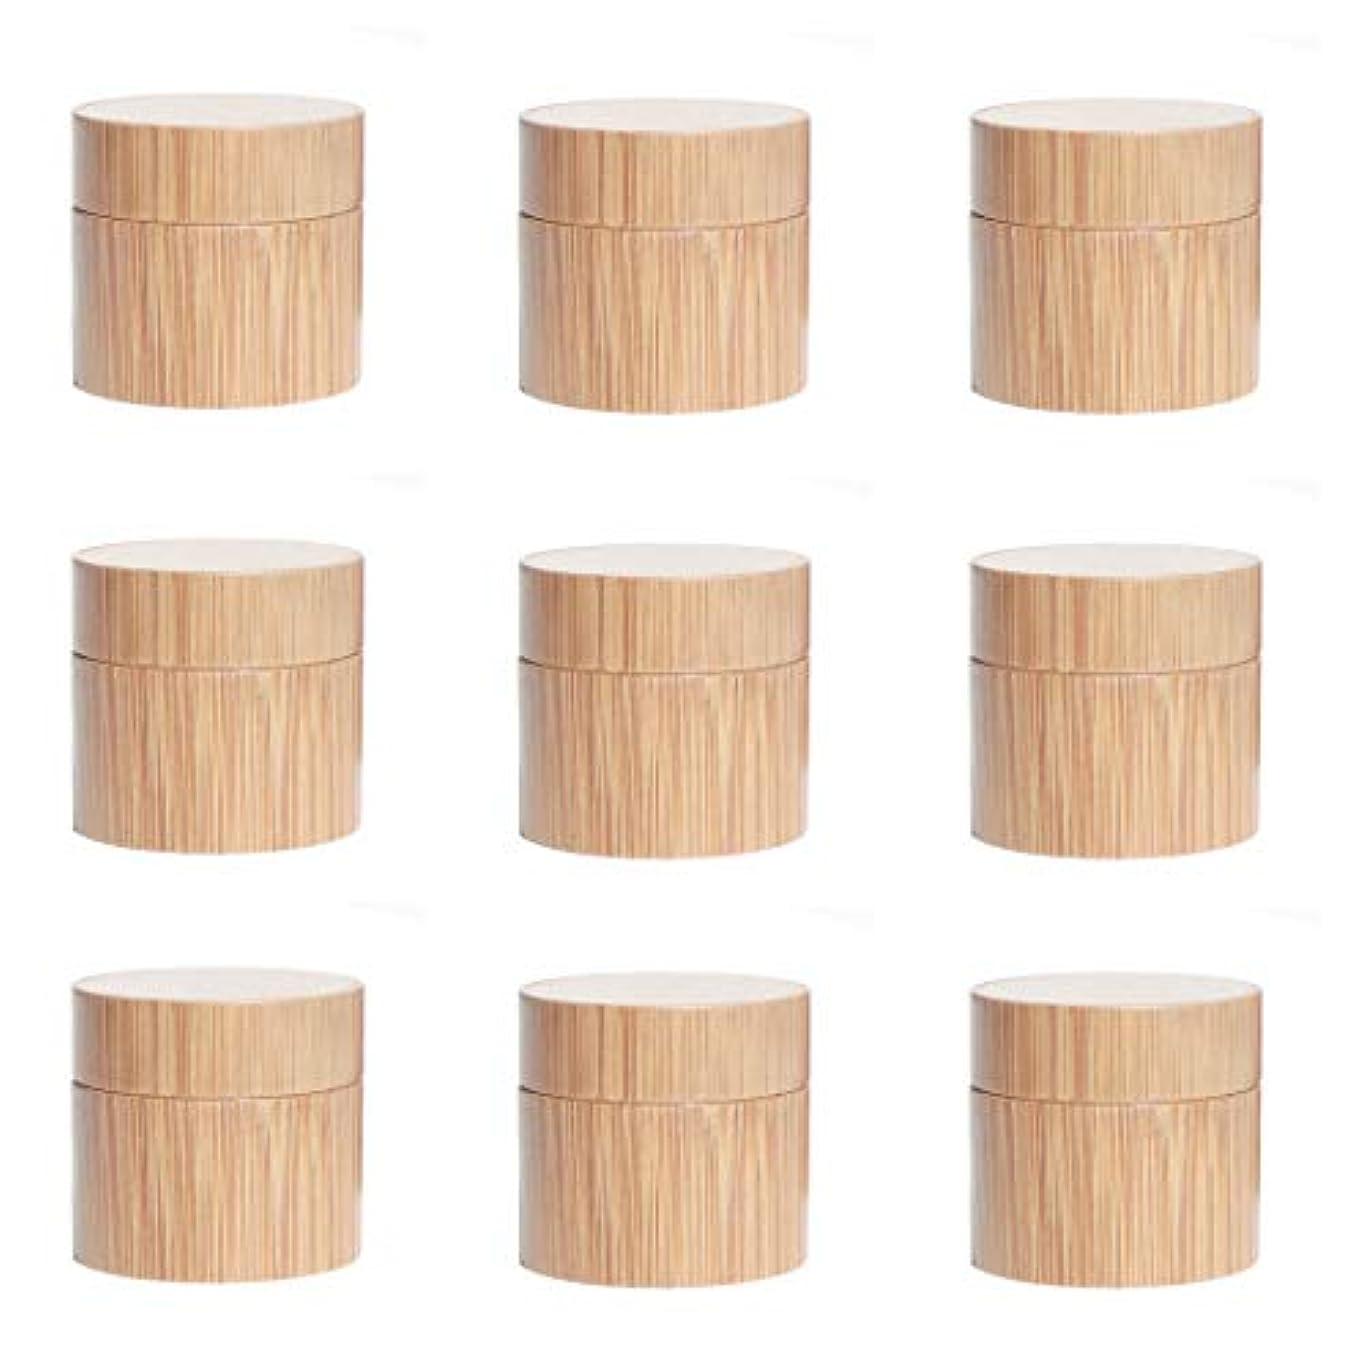 迷信絡まるYiteng スポイト遮光瓶 アロマオイル 精油 香水やアロマの保存 遮光瓶 小分け用 保存 詰替え 竹製 9本セット (10g)